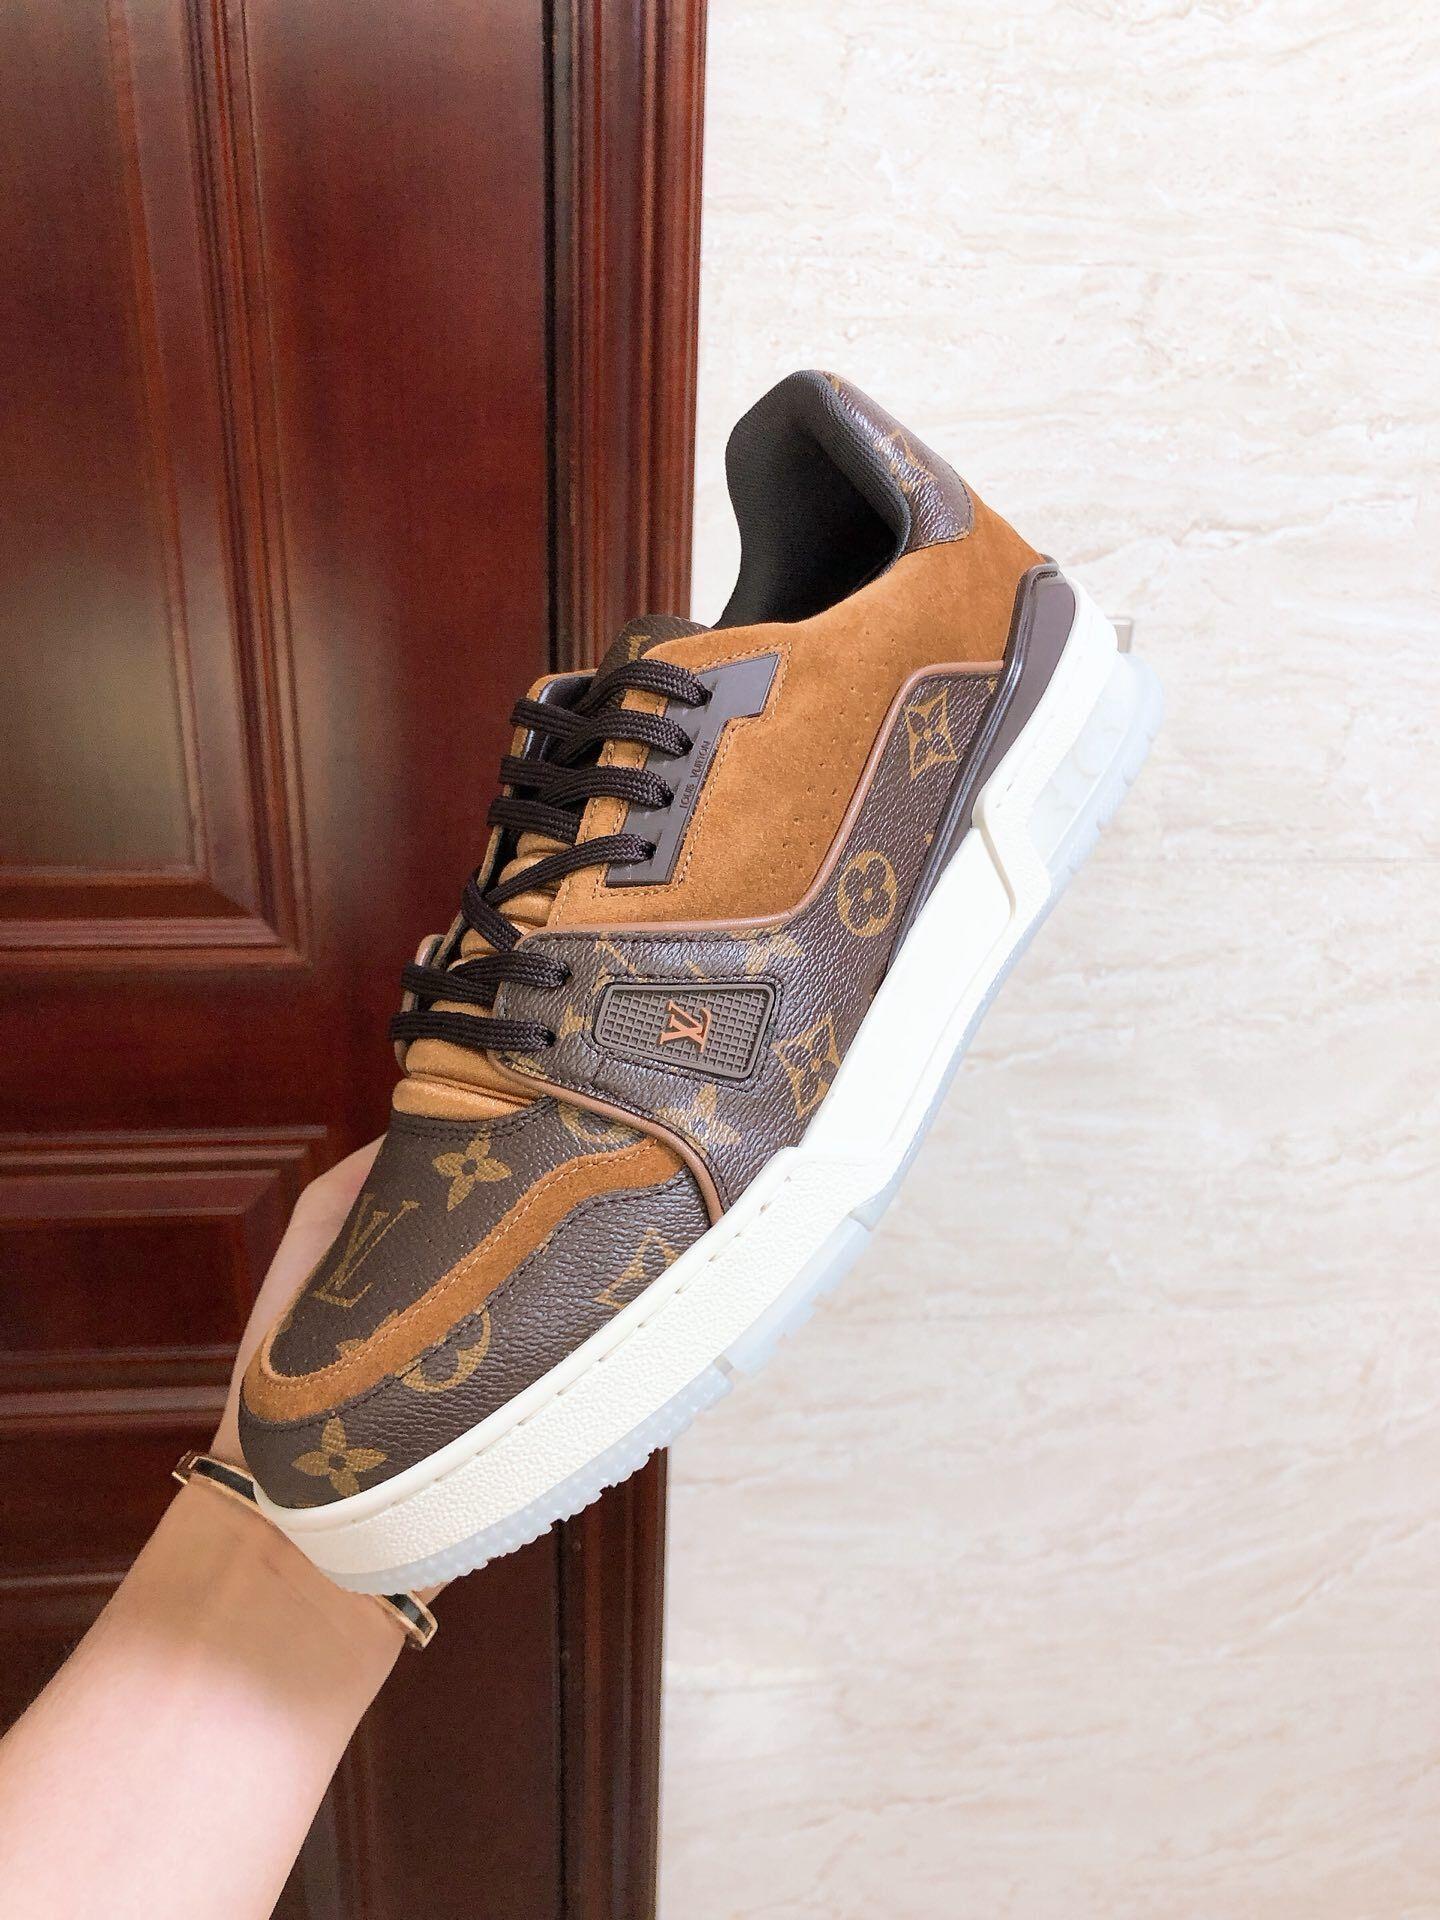 lv trainer sneaker 1A5UR7 lv men sneaker lv shoes Monogram canvas  lv men shoes  6